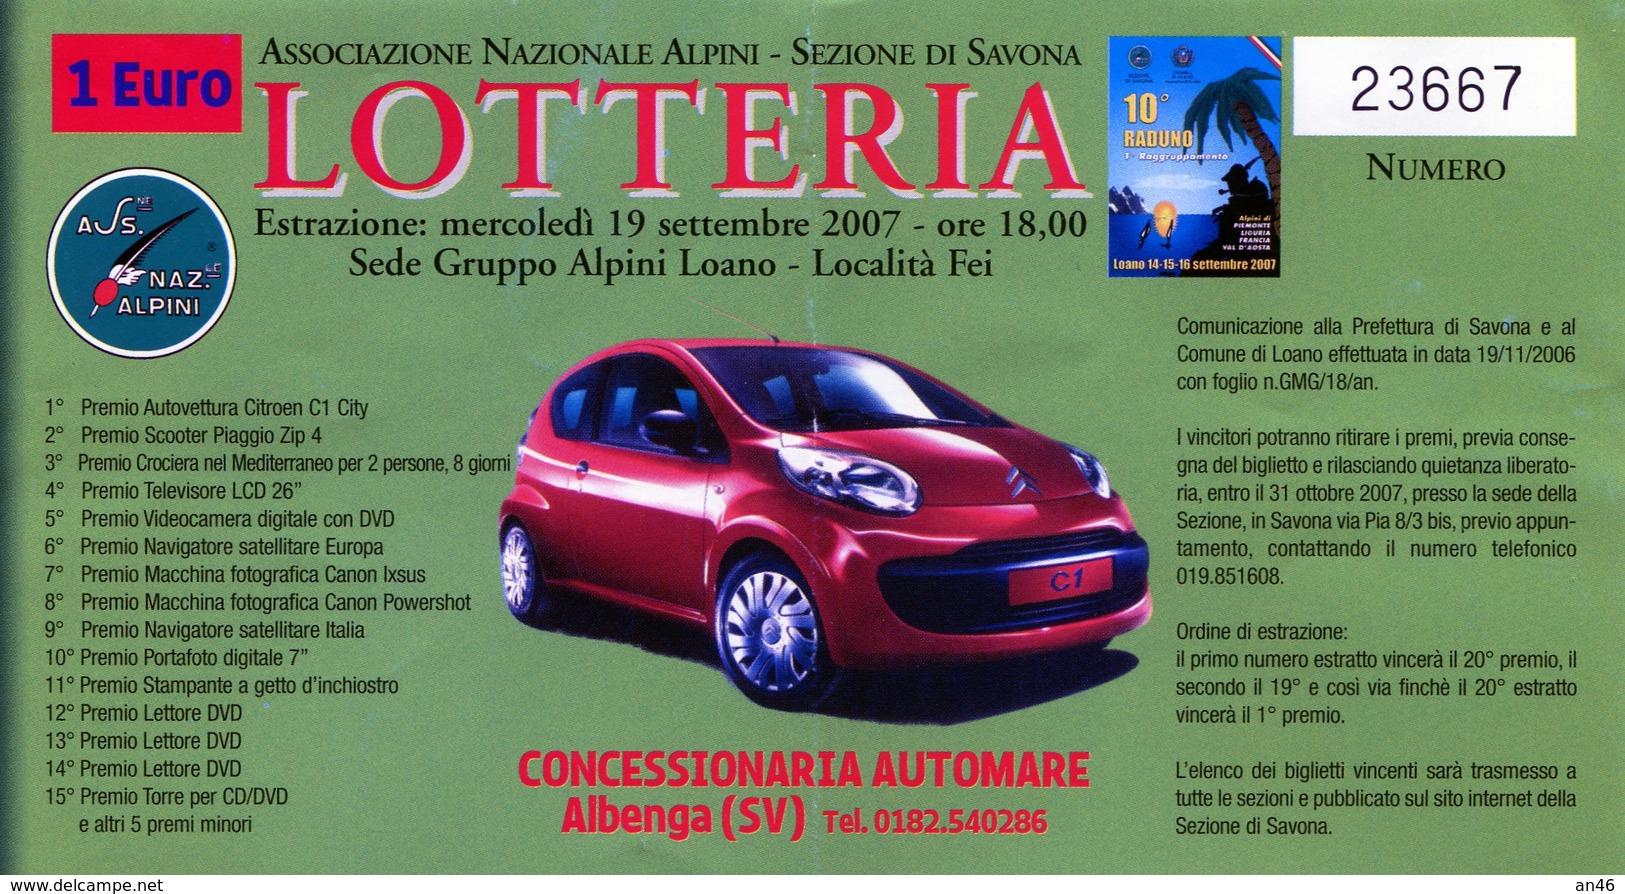 LOTTERIA NAZIONALE ALPINI SEZIONE DI SAVONA-ESTRAZIONE 19 SETTEMBRE 2007- - Loterijbiljetten